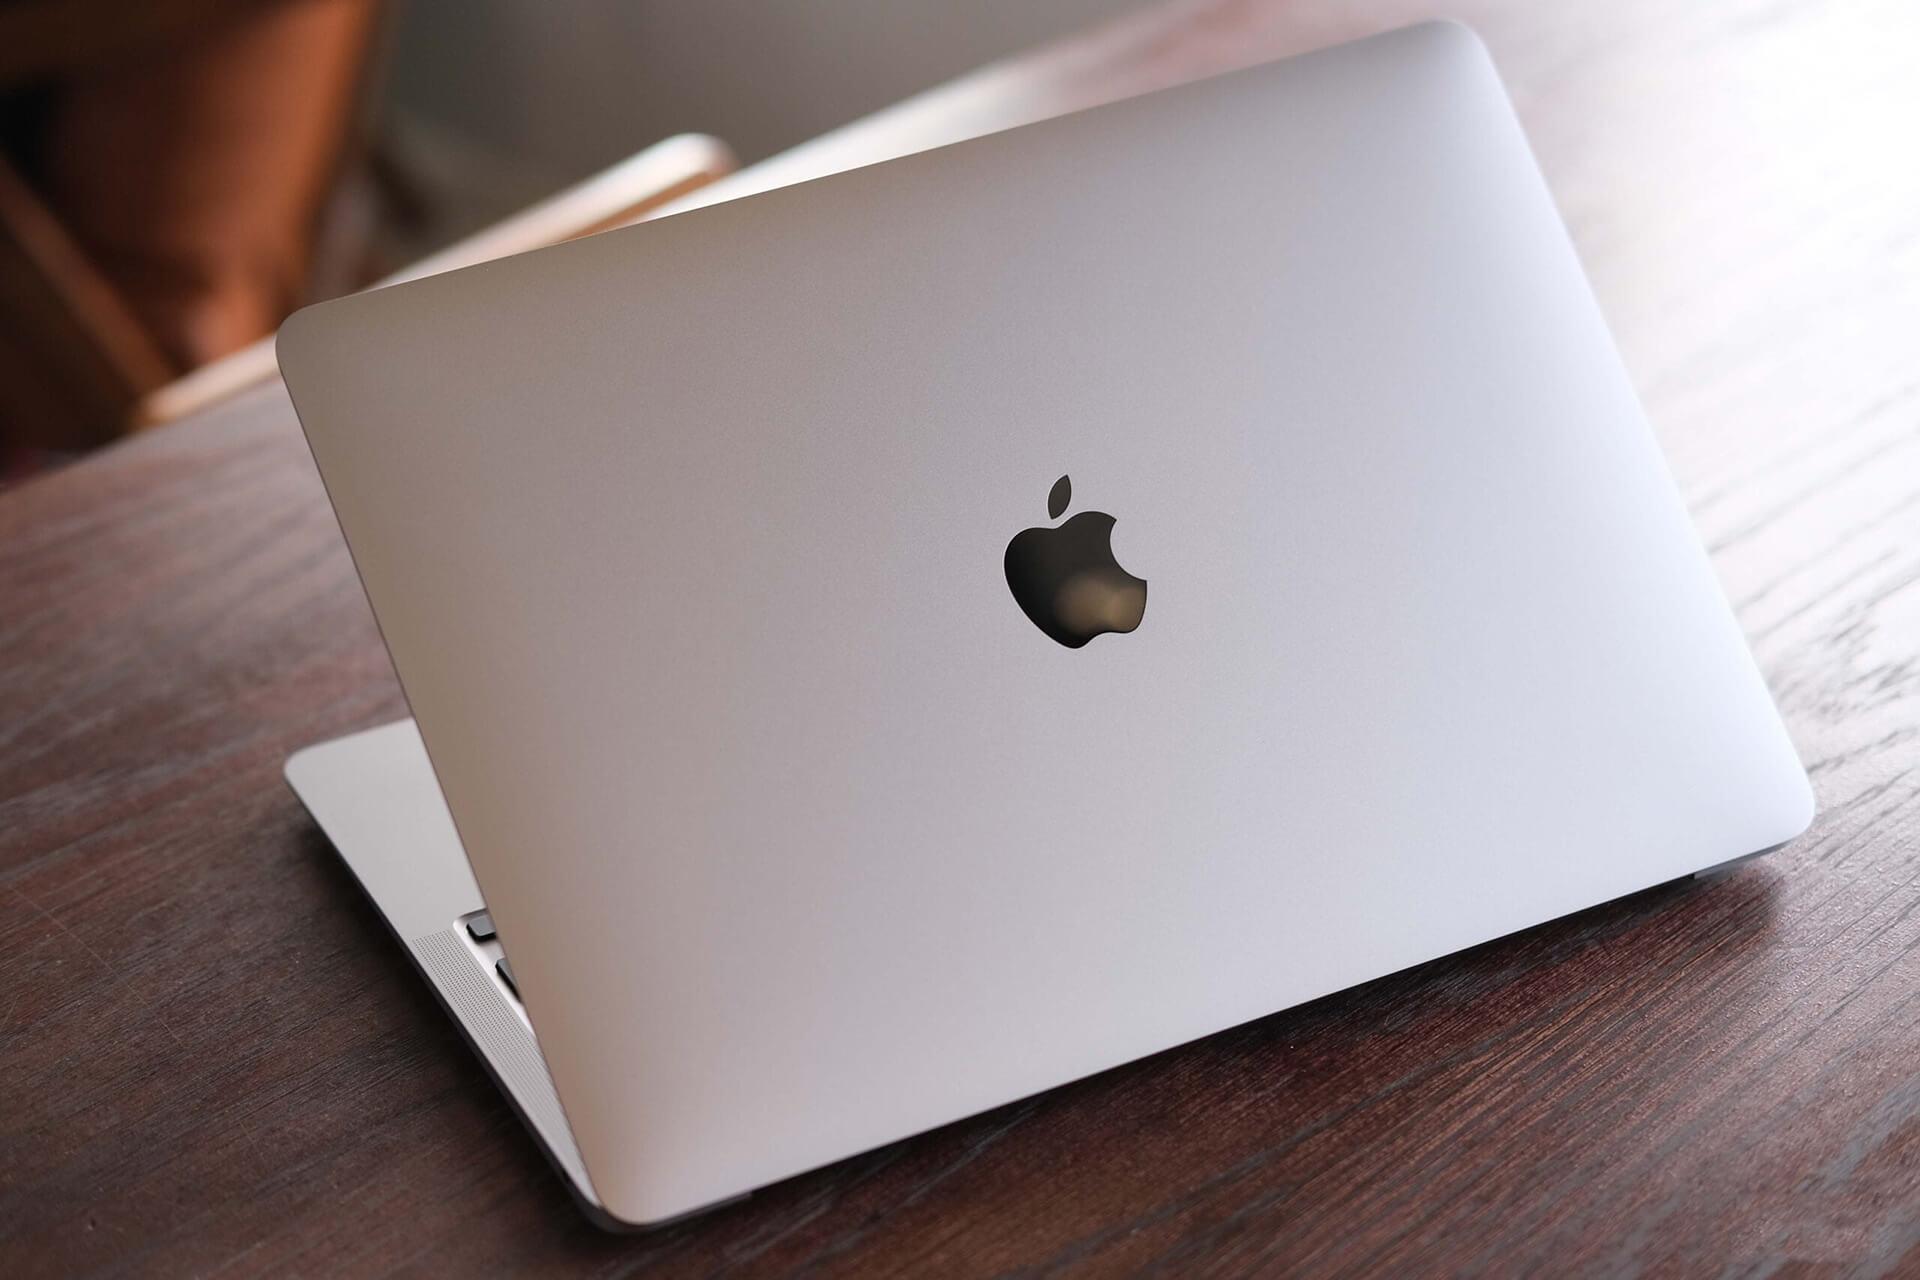 Macbook Air M1 2